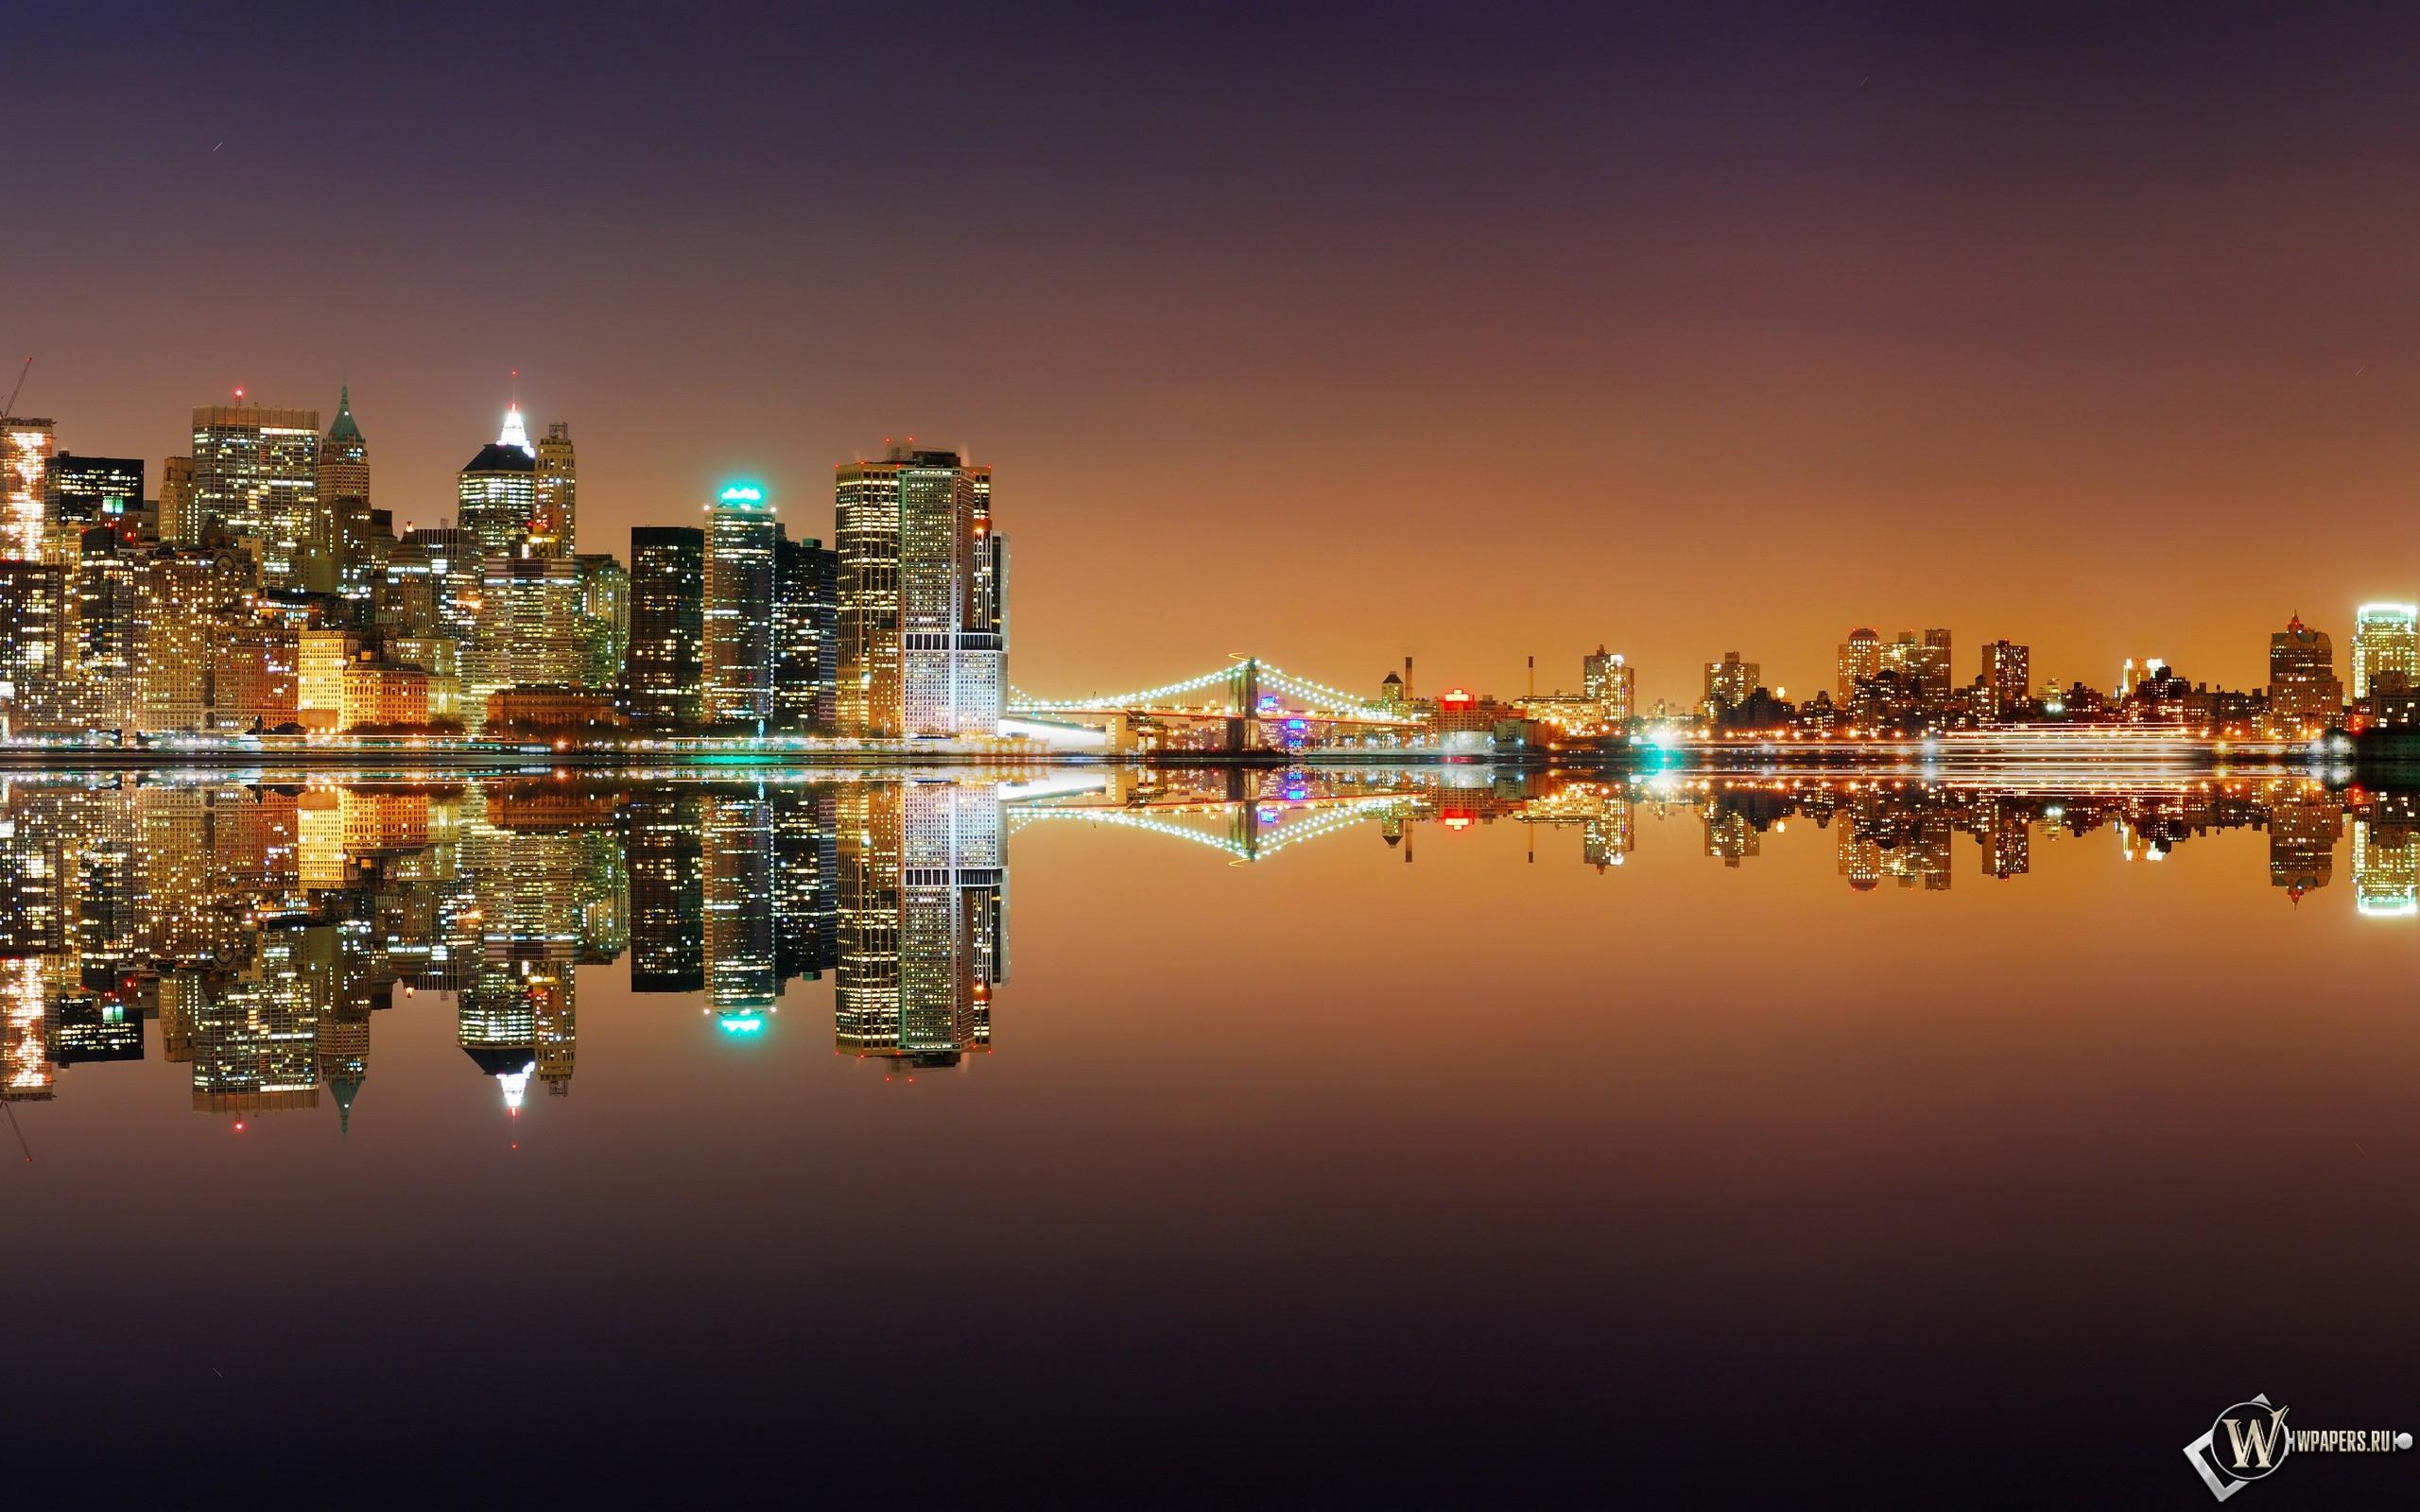 Ночной город 2560x1600